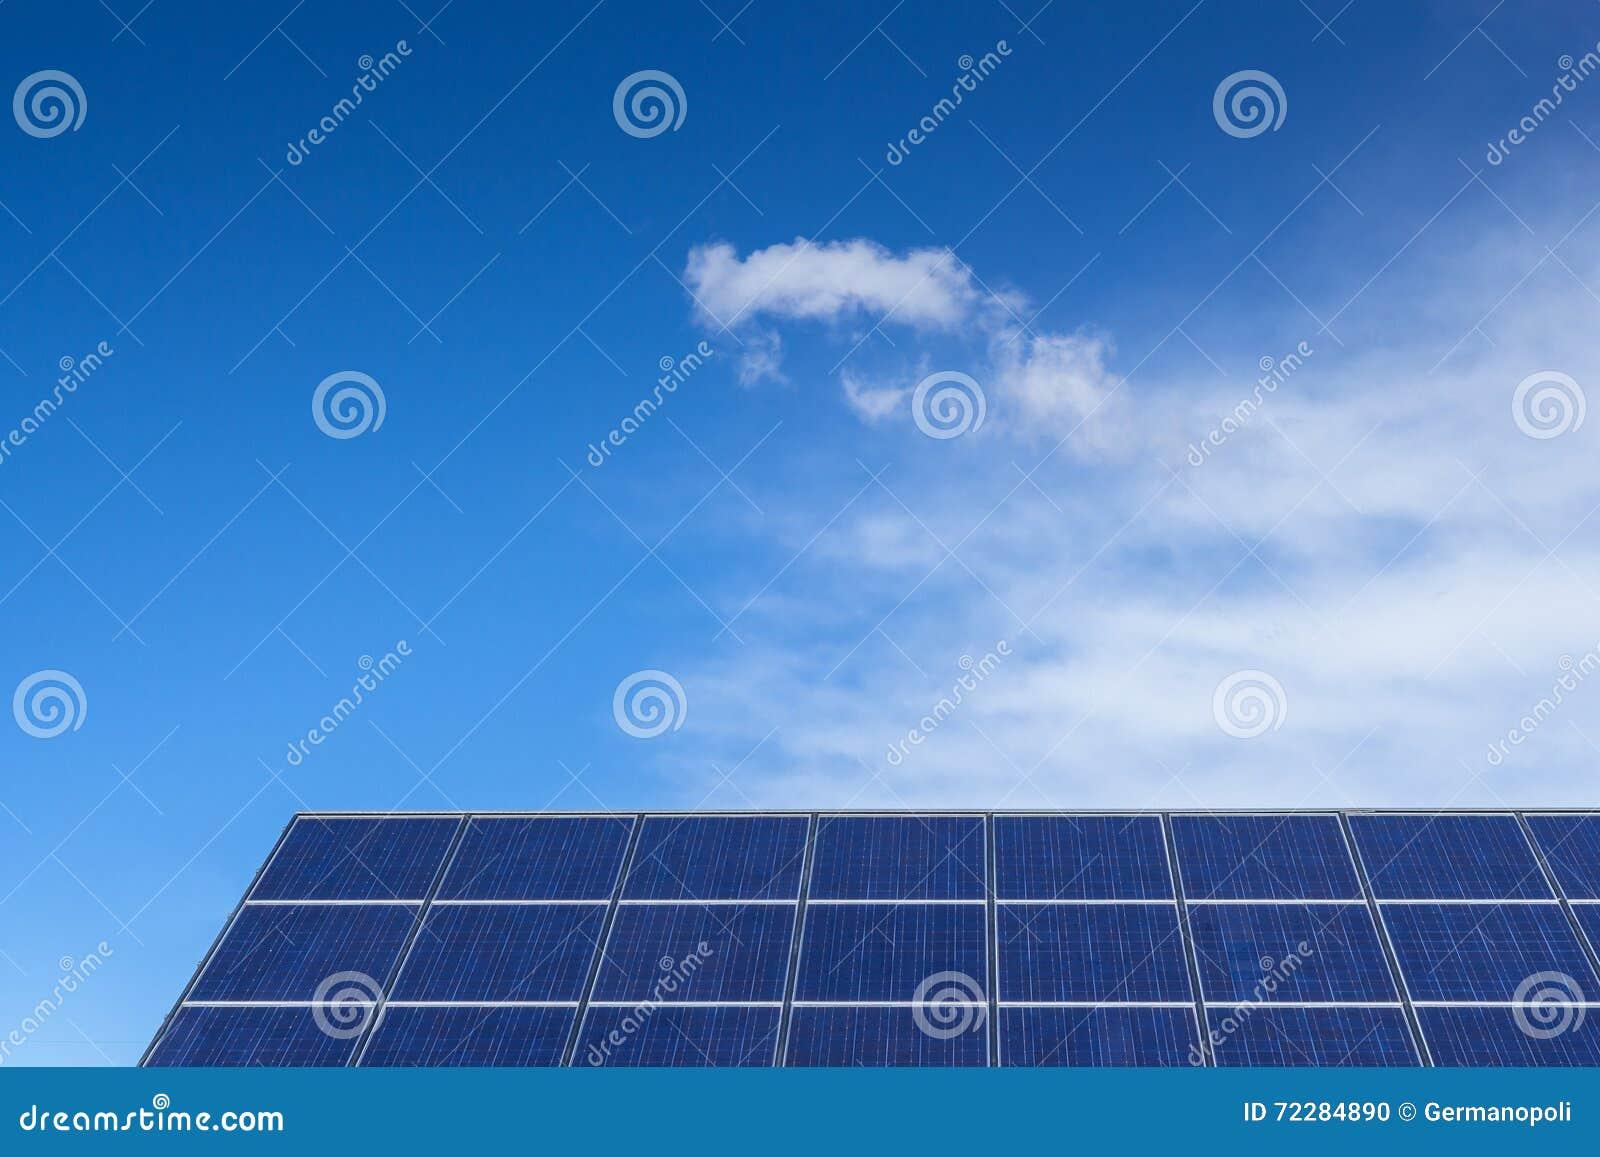 Download против воздуха как голубые энергии гловальные хорошие вопросы обшивают панелями небо способное к возрождению загрязнения солнечно Стоковое Фото - изображение насчитывающей панели, электричество: 72284890